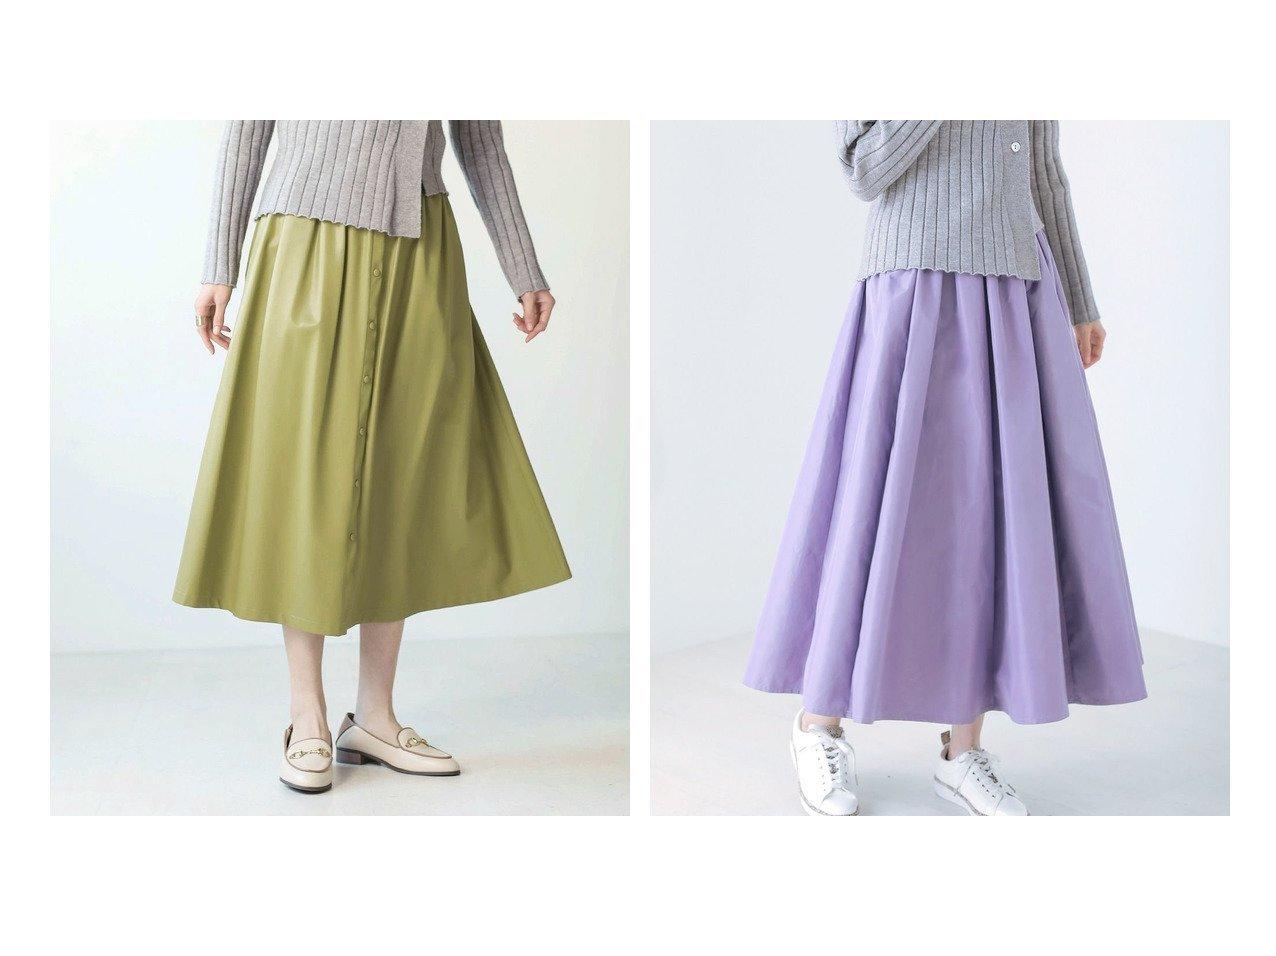 【Bou Jeloud/ブージュルード】のエコレザーくるみドット釦スカート&タフタロングスカート おすすめ!人気!プチプライスで上品なファッションアイテムの通販  おすすめで人気の流行・トレンド、ファッションの通販商品 メンズファッション・キッズファッション・インテリア・家具・レディースファッション・服の通販 founy(ファニー) https://founy.com/ ファッション Fashion レディースファッション WOMEN スカート Skirt ロングスカート Long Skirt おすすめ Recommend カットソー シンプル センター ドット バランス プチプライス・低価格 Affordable 定番 Standard 楽ちん |ID:crp329100000021366